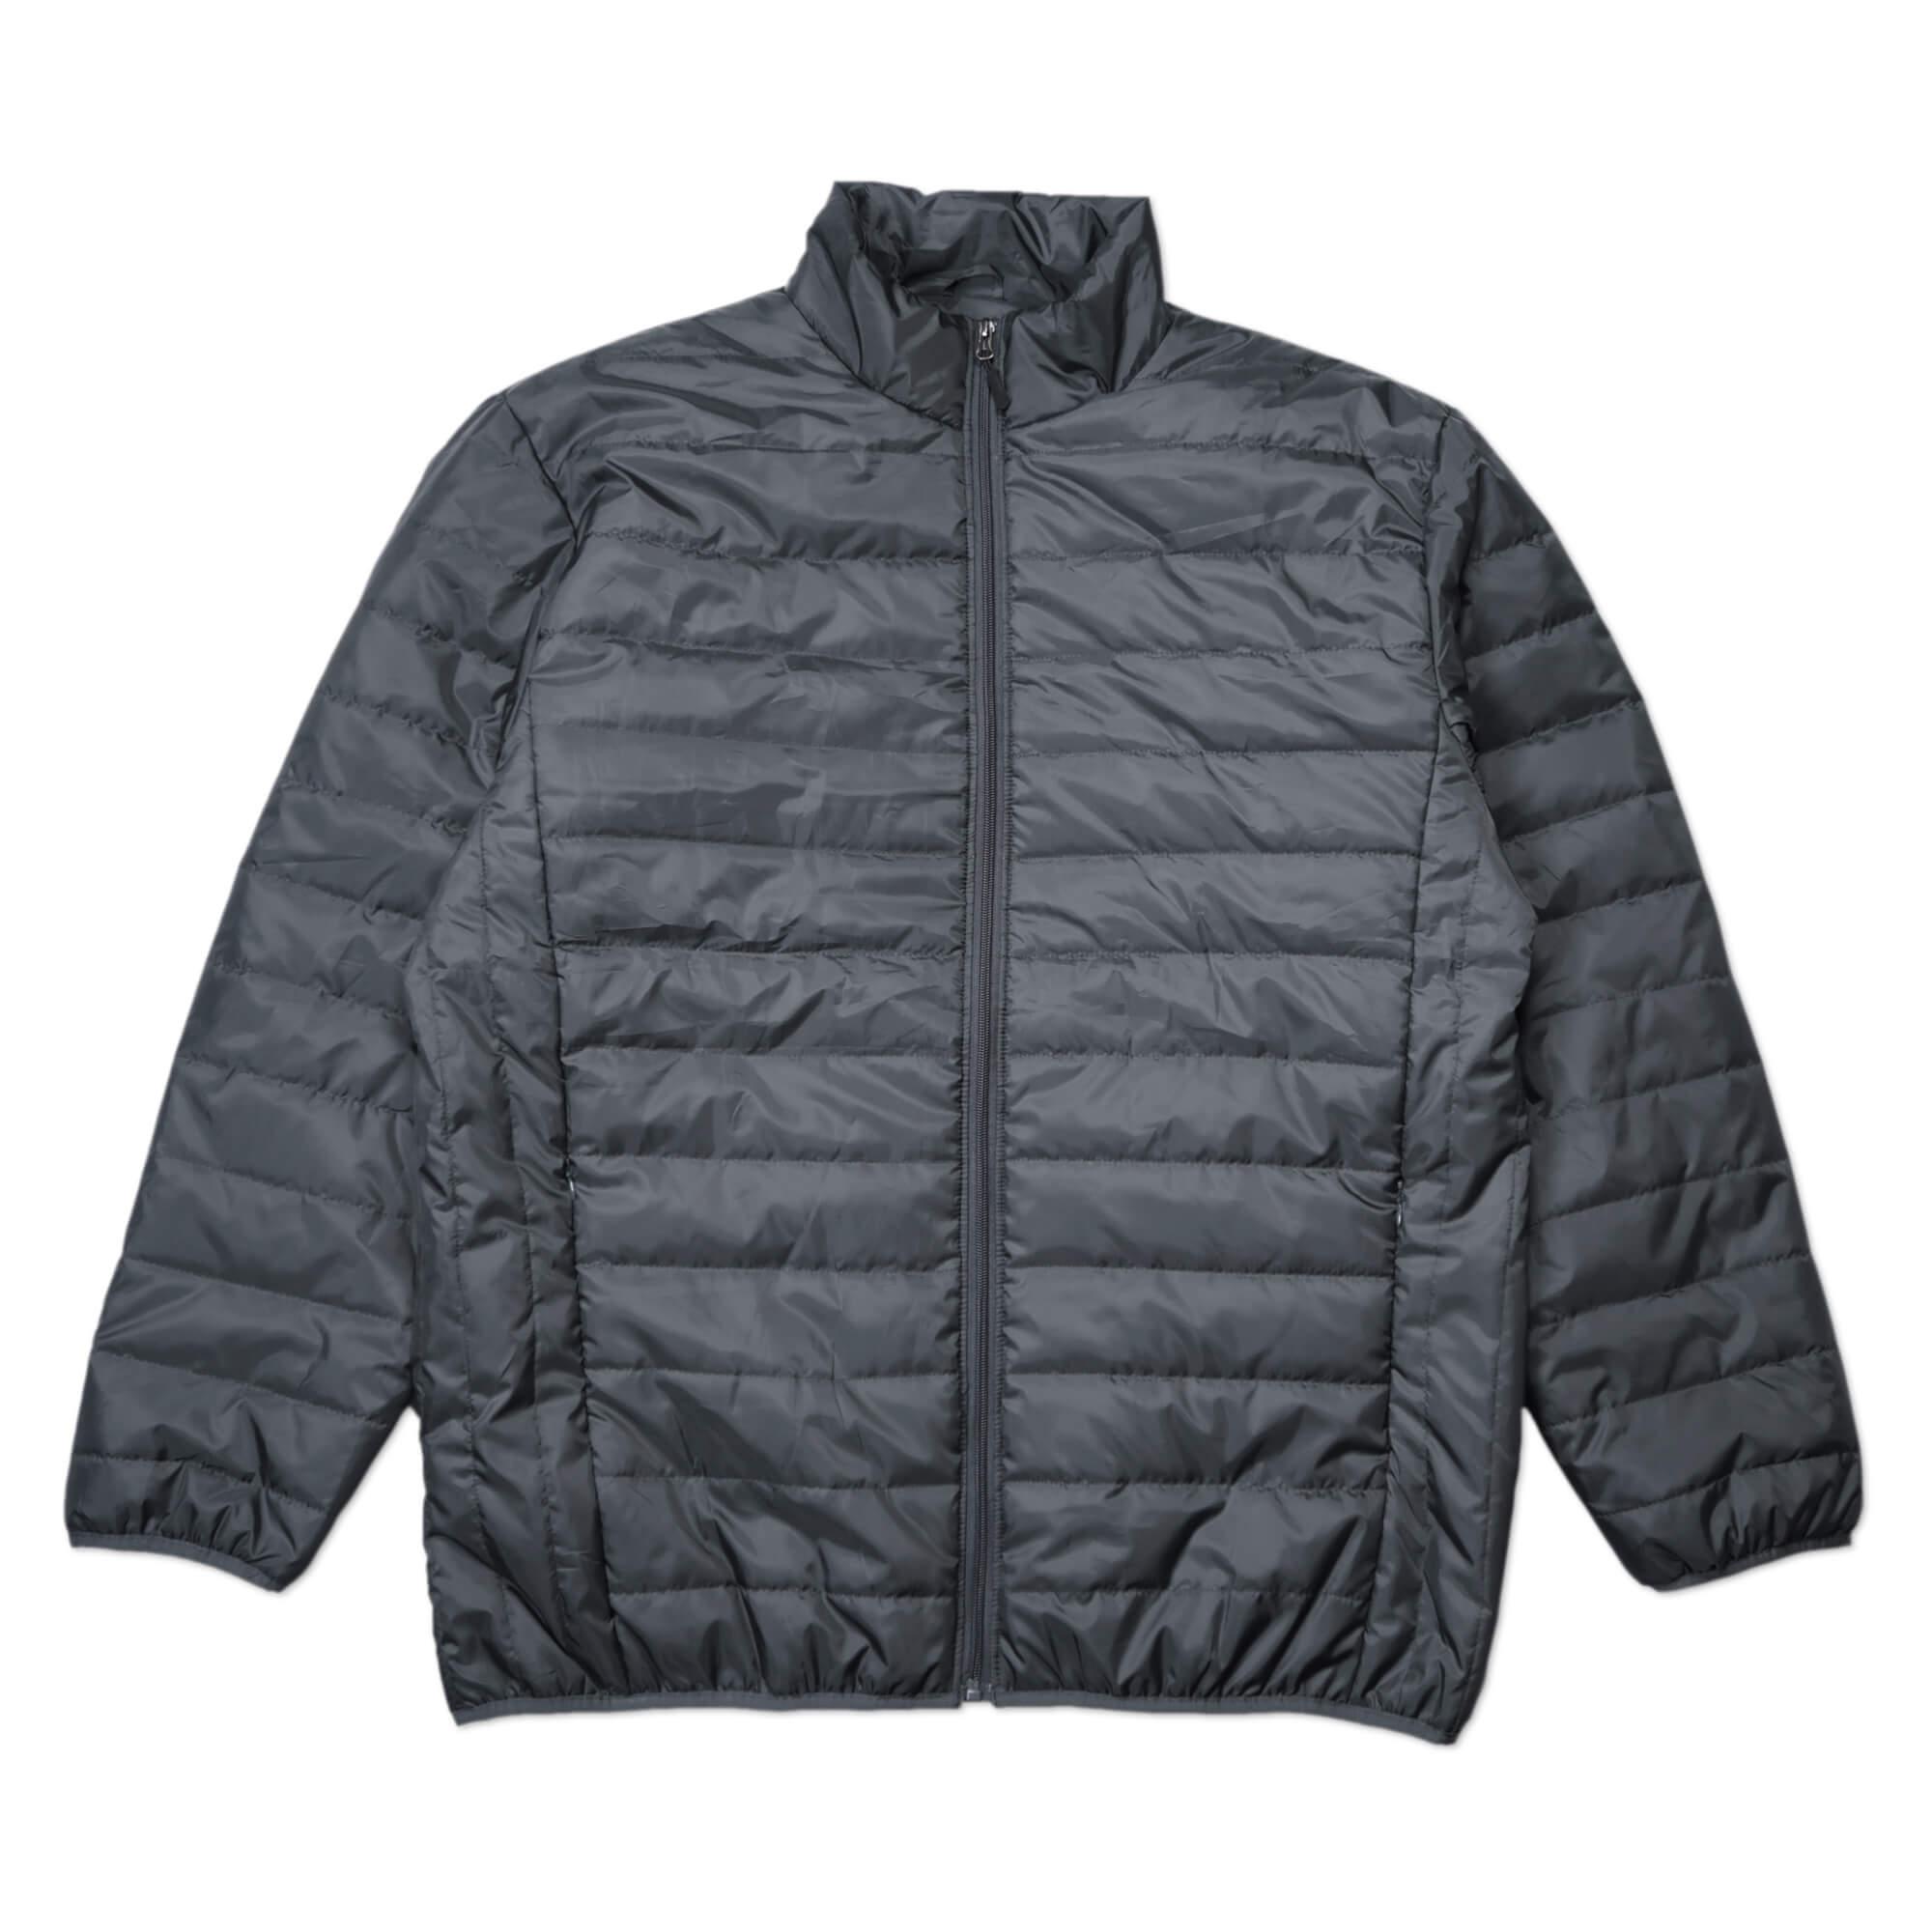 加大尺碼超輕量立領舖棉保暖外套 大尺碼夾克外套 大尺碼騎士外套 大尺碼防寒外套 大尺碼擋風外套 大尺碼休閒外套 鋪棉外套 藍色外套 黑色外套 (321-A831-08)深藍色、(321-A831-21)黑色、、(321-A831-22)灰色、(321-A830-22)灰綠色 5L 6L 7L 8L (胸圍:56~62英吋) [實體店面保障] sun-e 5